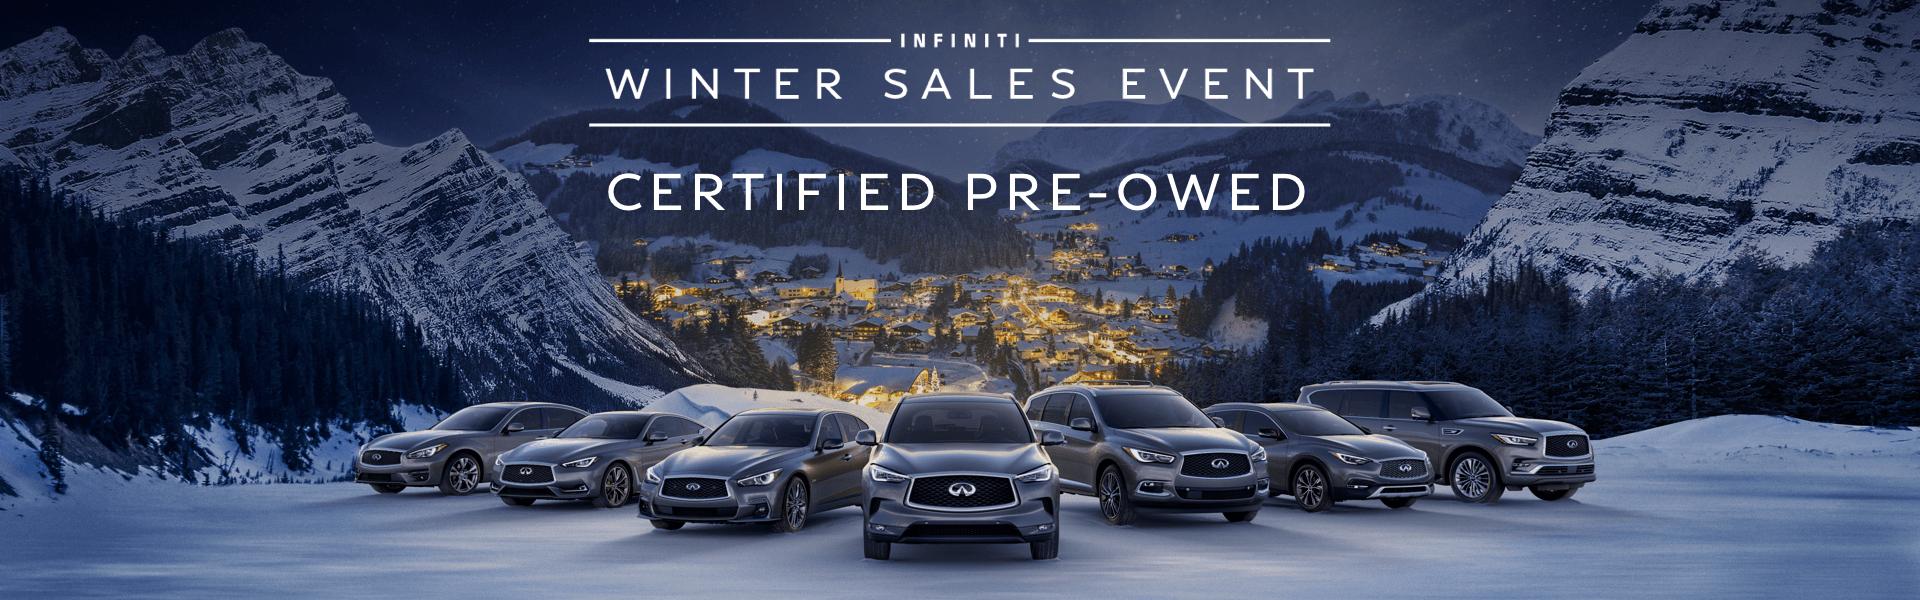 2018 CPO Winter Sales Event